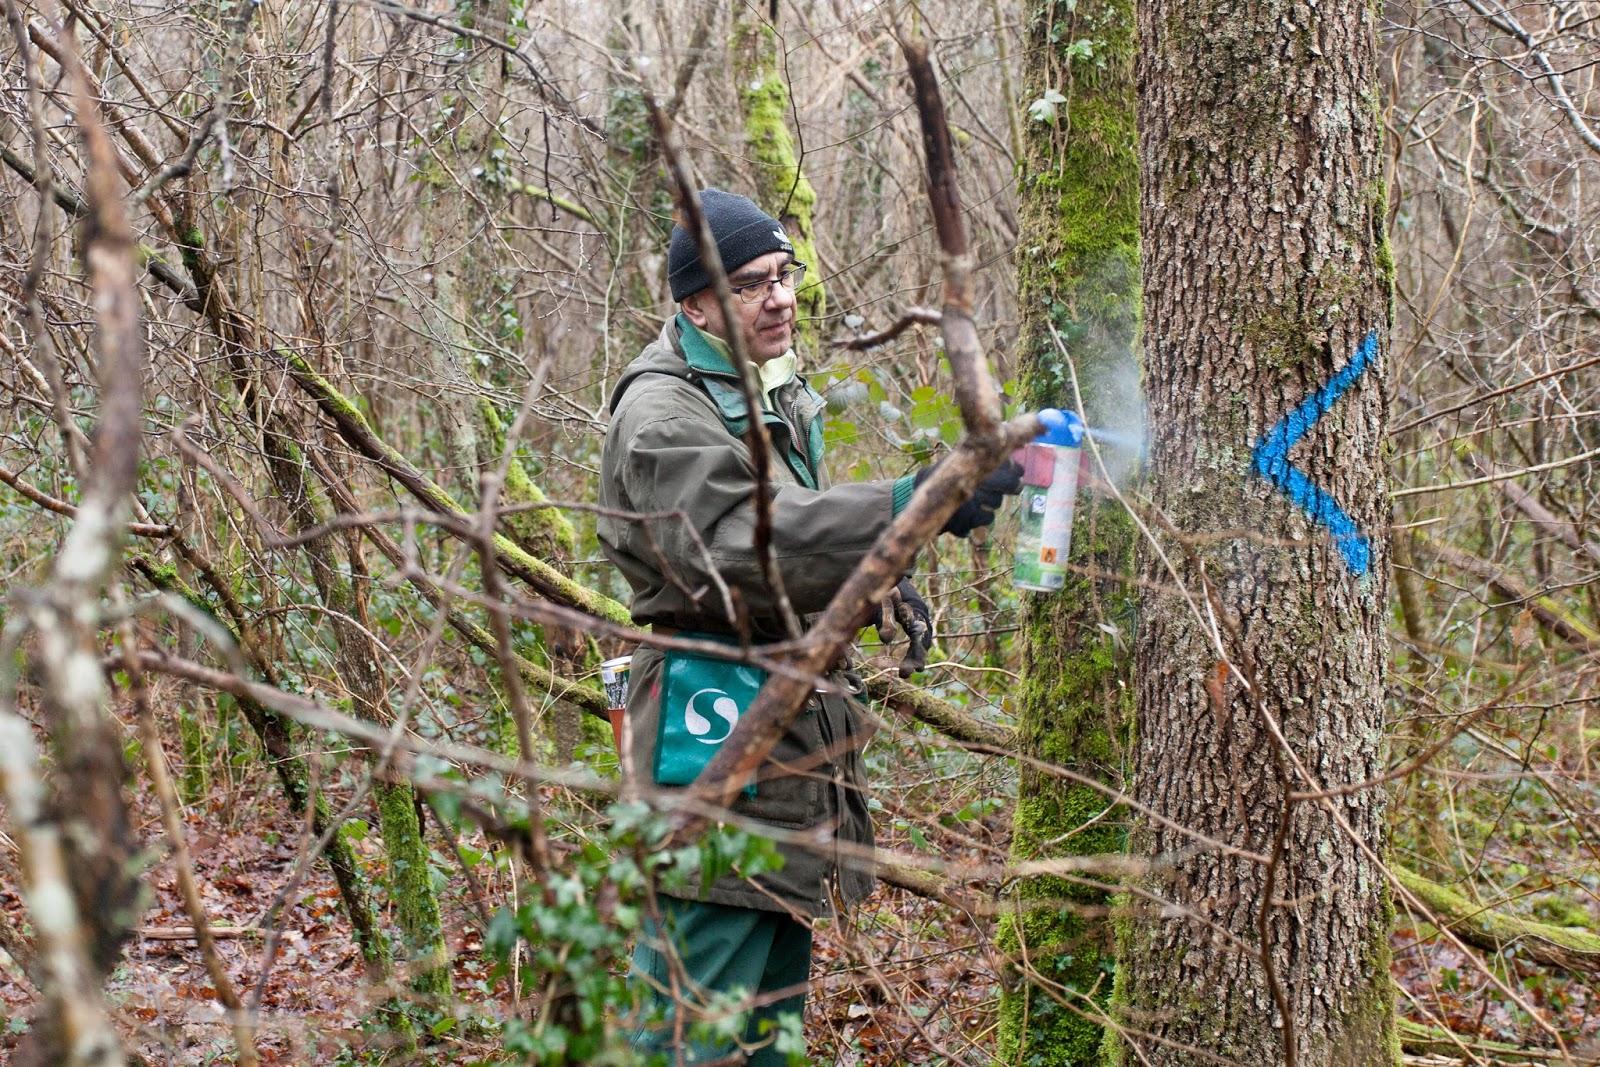 Com onf comment d coder les marquages sur les arbres - Comment faire crever un arbre sans le couper ...